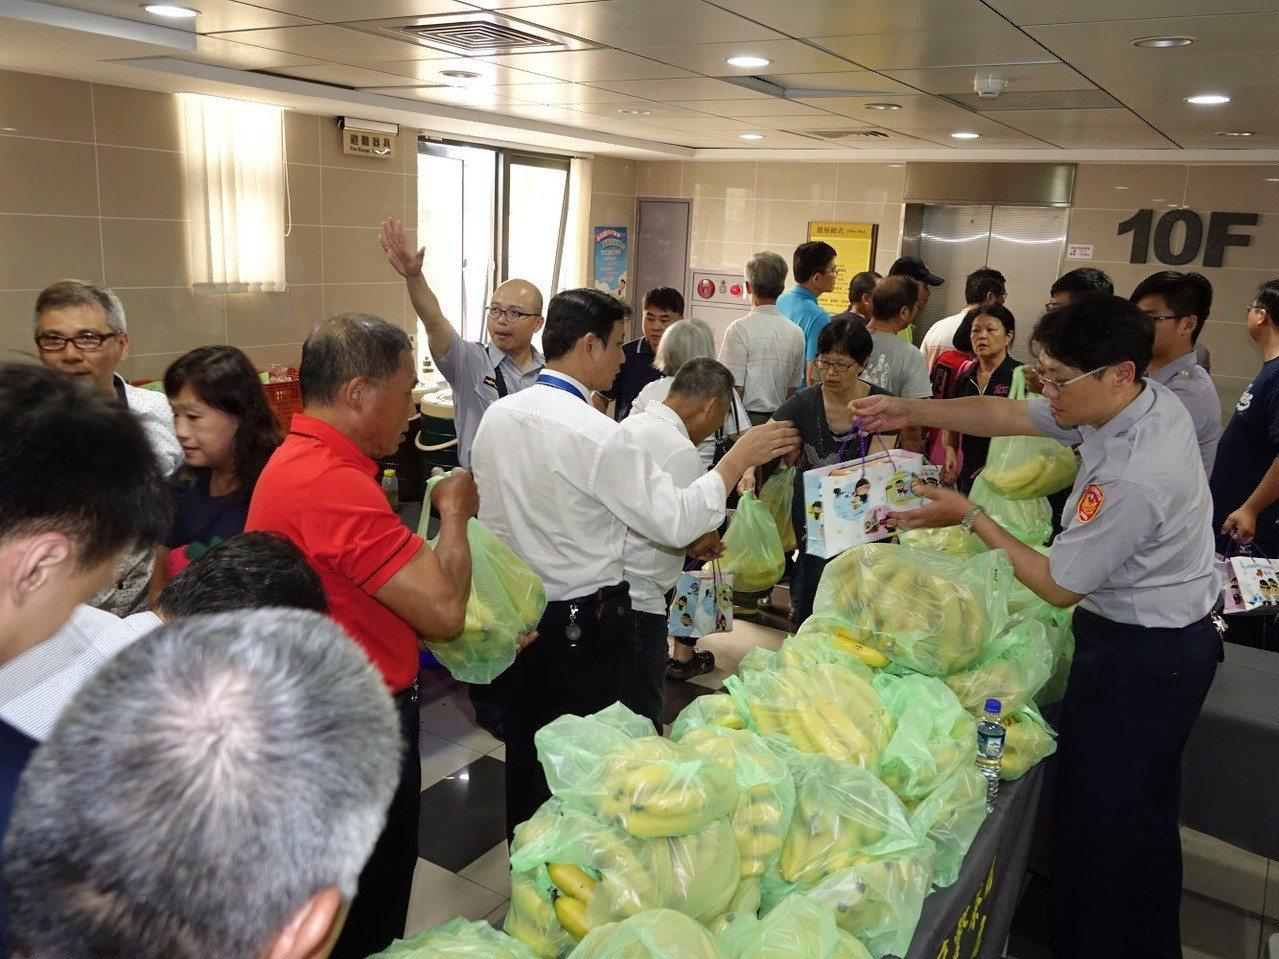 台北市內湖警分局舉行社區治安會議,因應香蕉產量過剩,請與會者吃香蕉幫助蕉農。圖/...